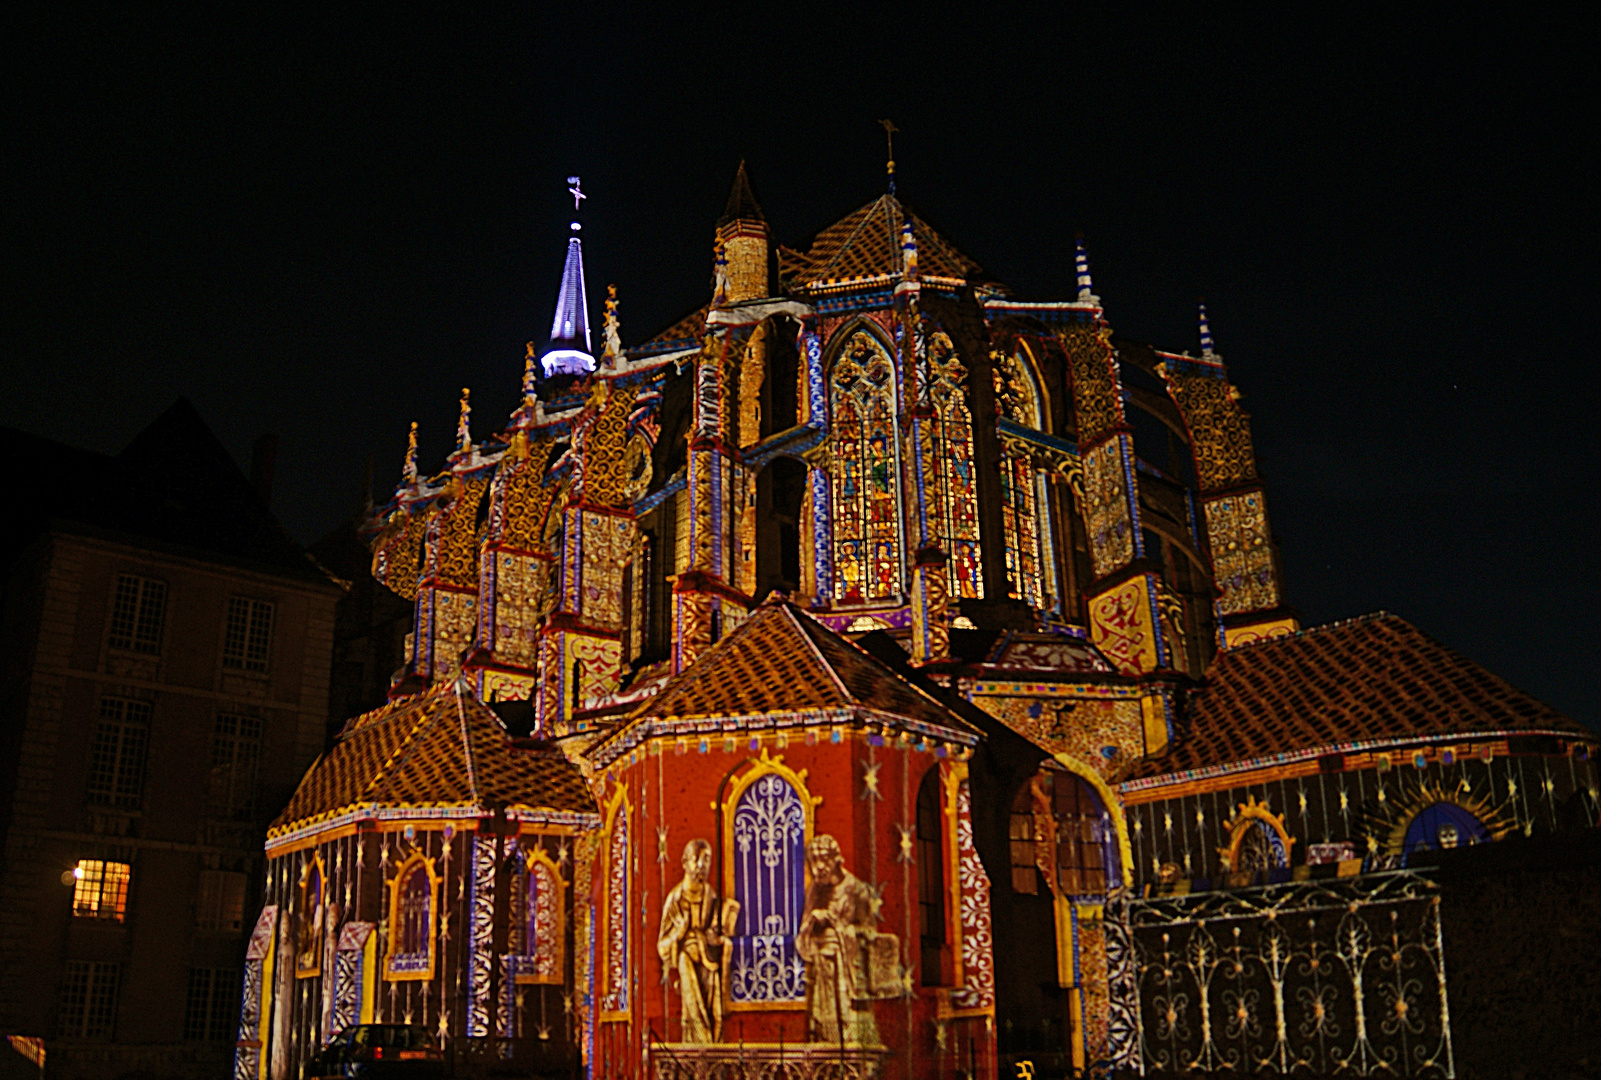 église saint pierre, Chartres